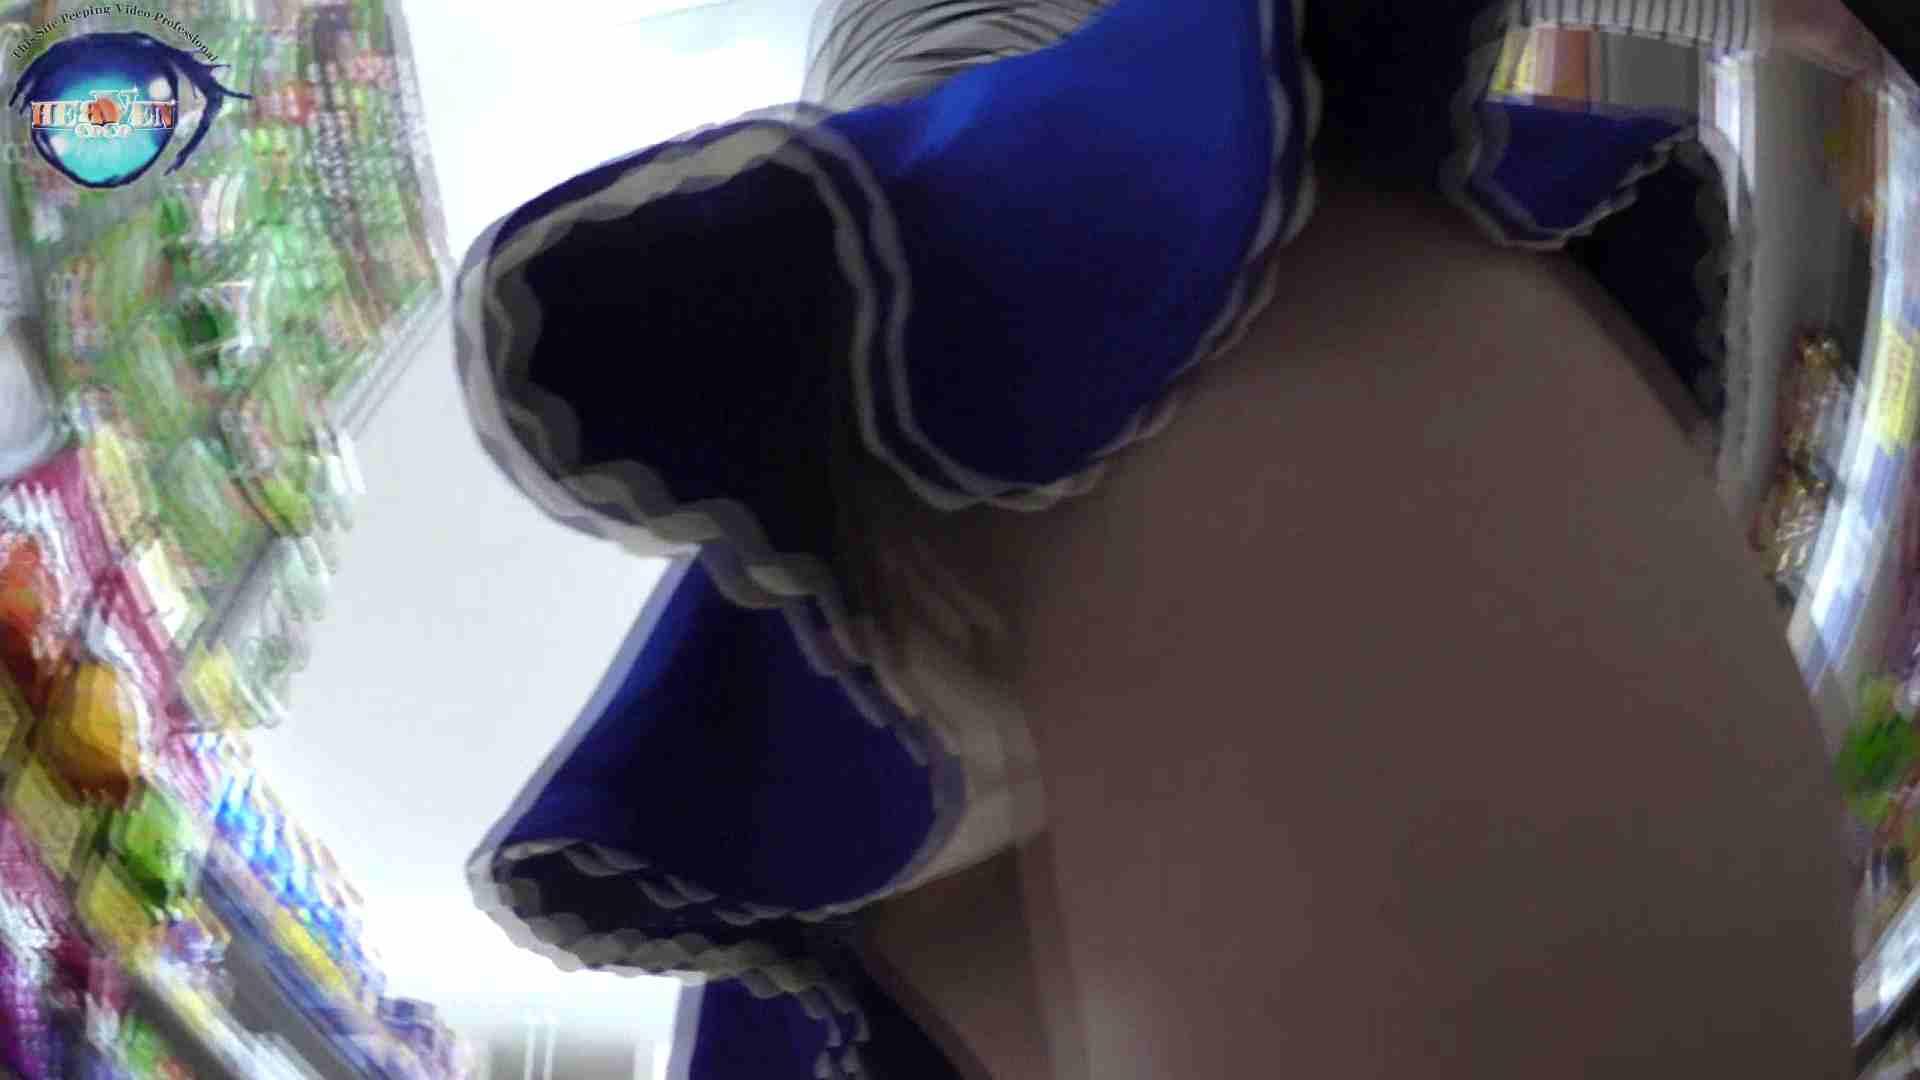 雅さんの独断と偏見で集めた動画 teenパンチラ編vol.4 チラ ヌード画像 40連発 33